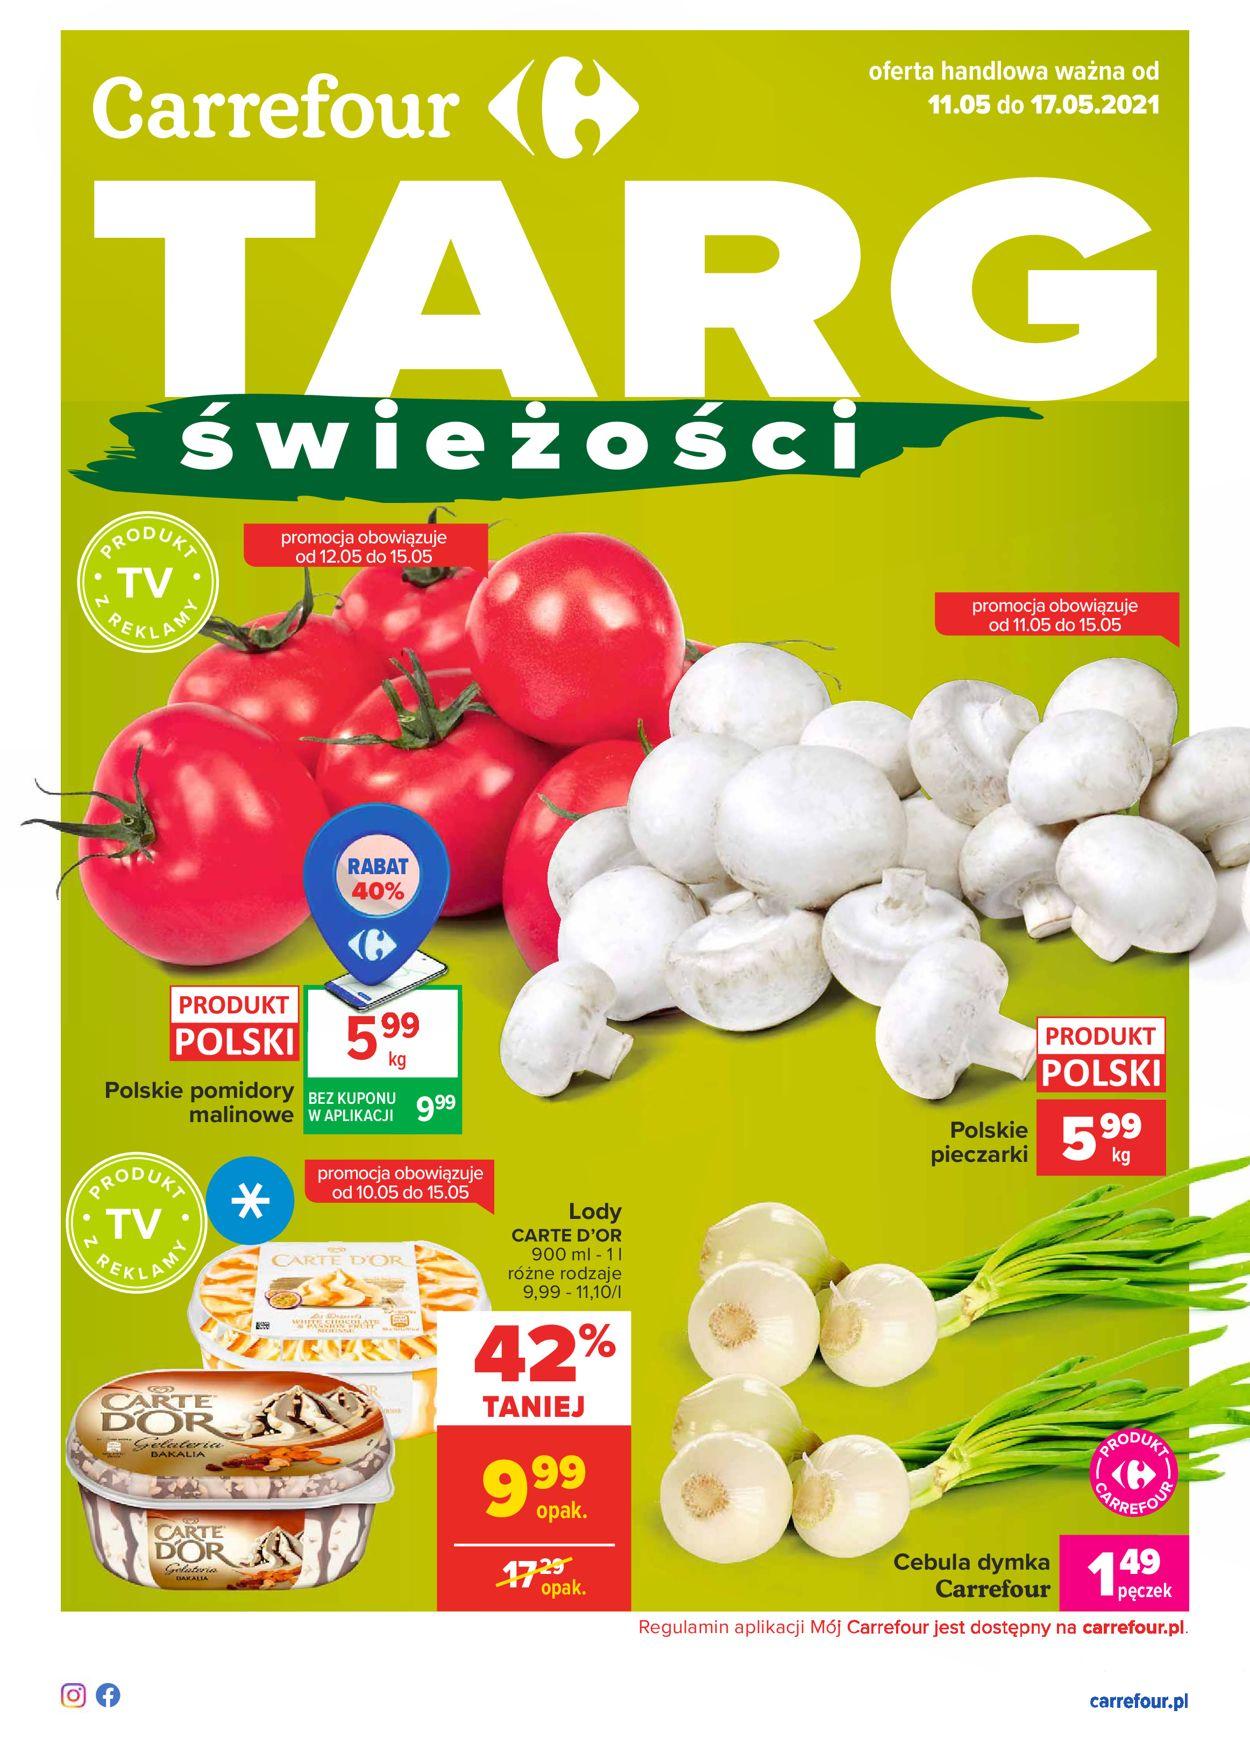 Gazetka promocyjna Carrefour Targi świeżości - 11.05-17.05.2021